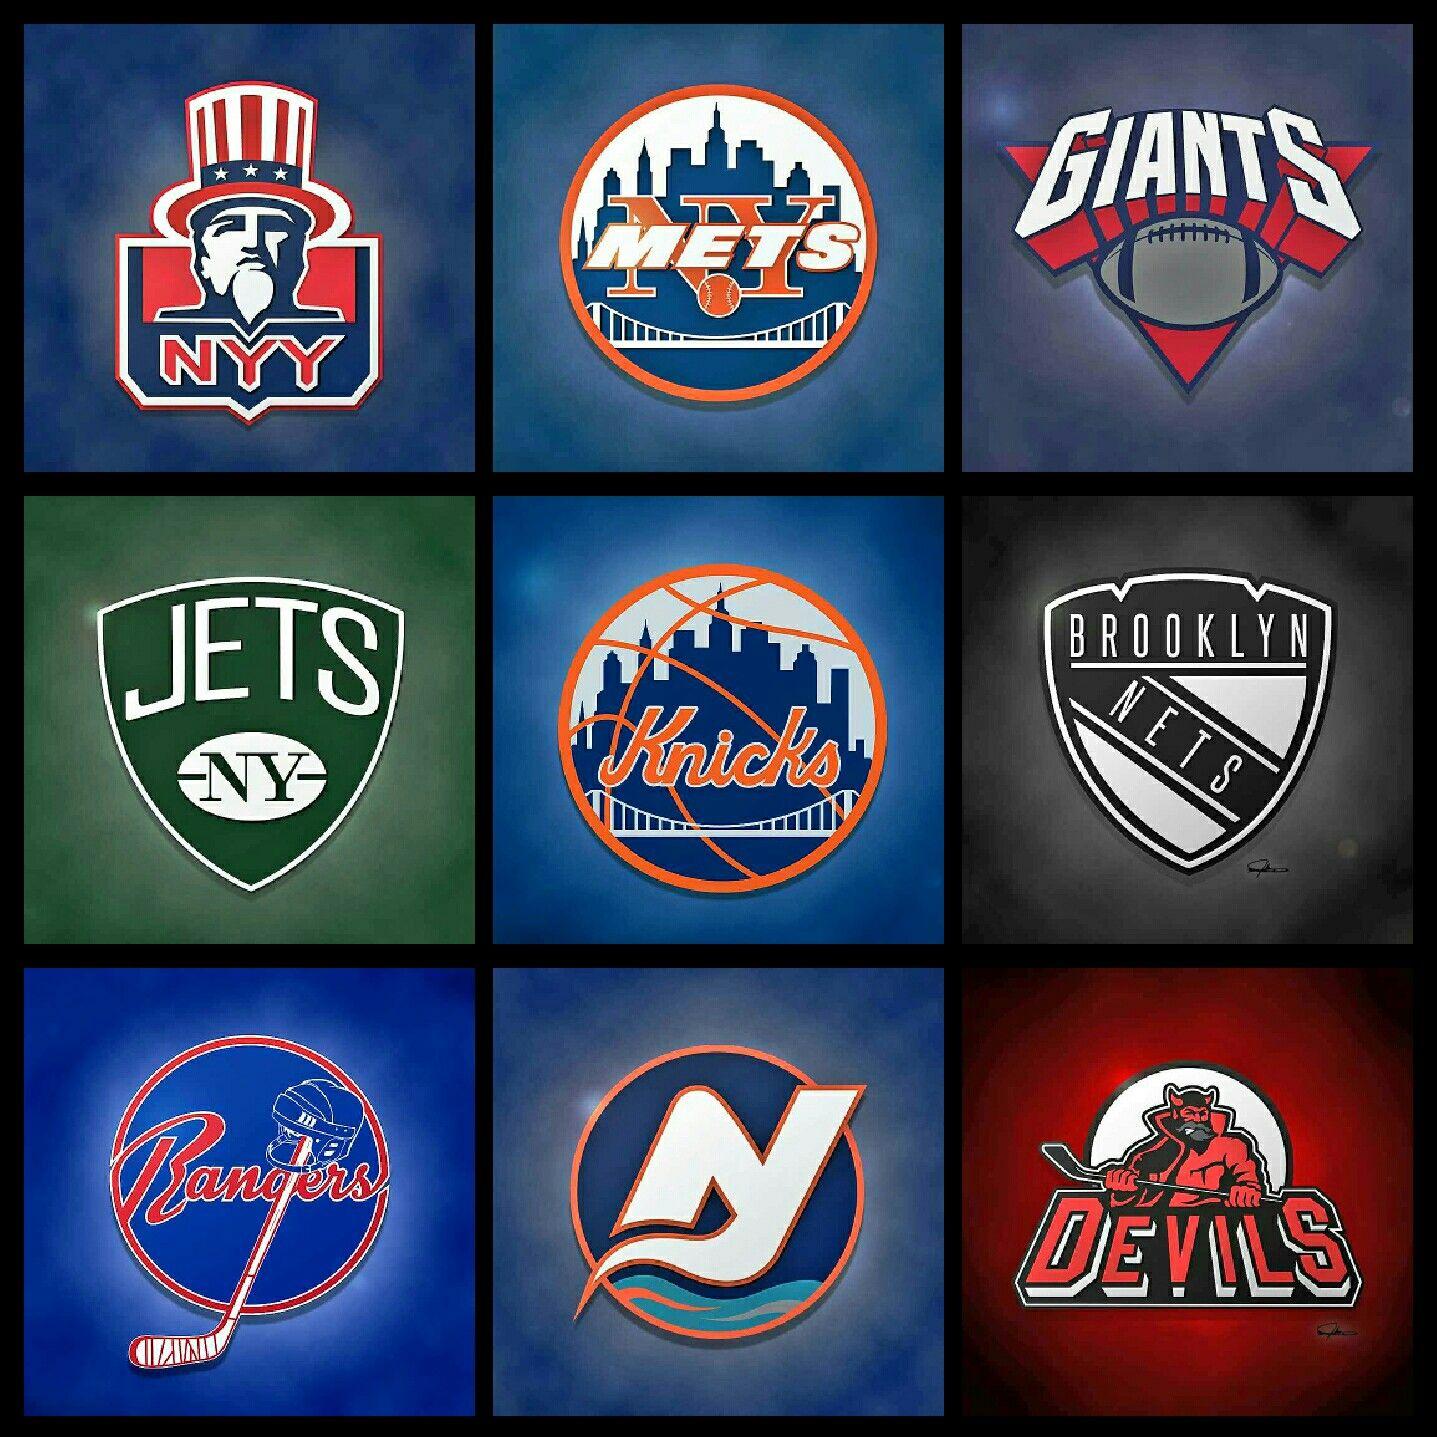 New York Rangers, New York Mets, New York Giants, New York